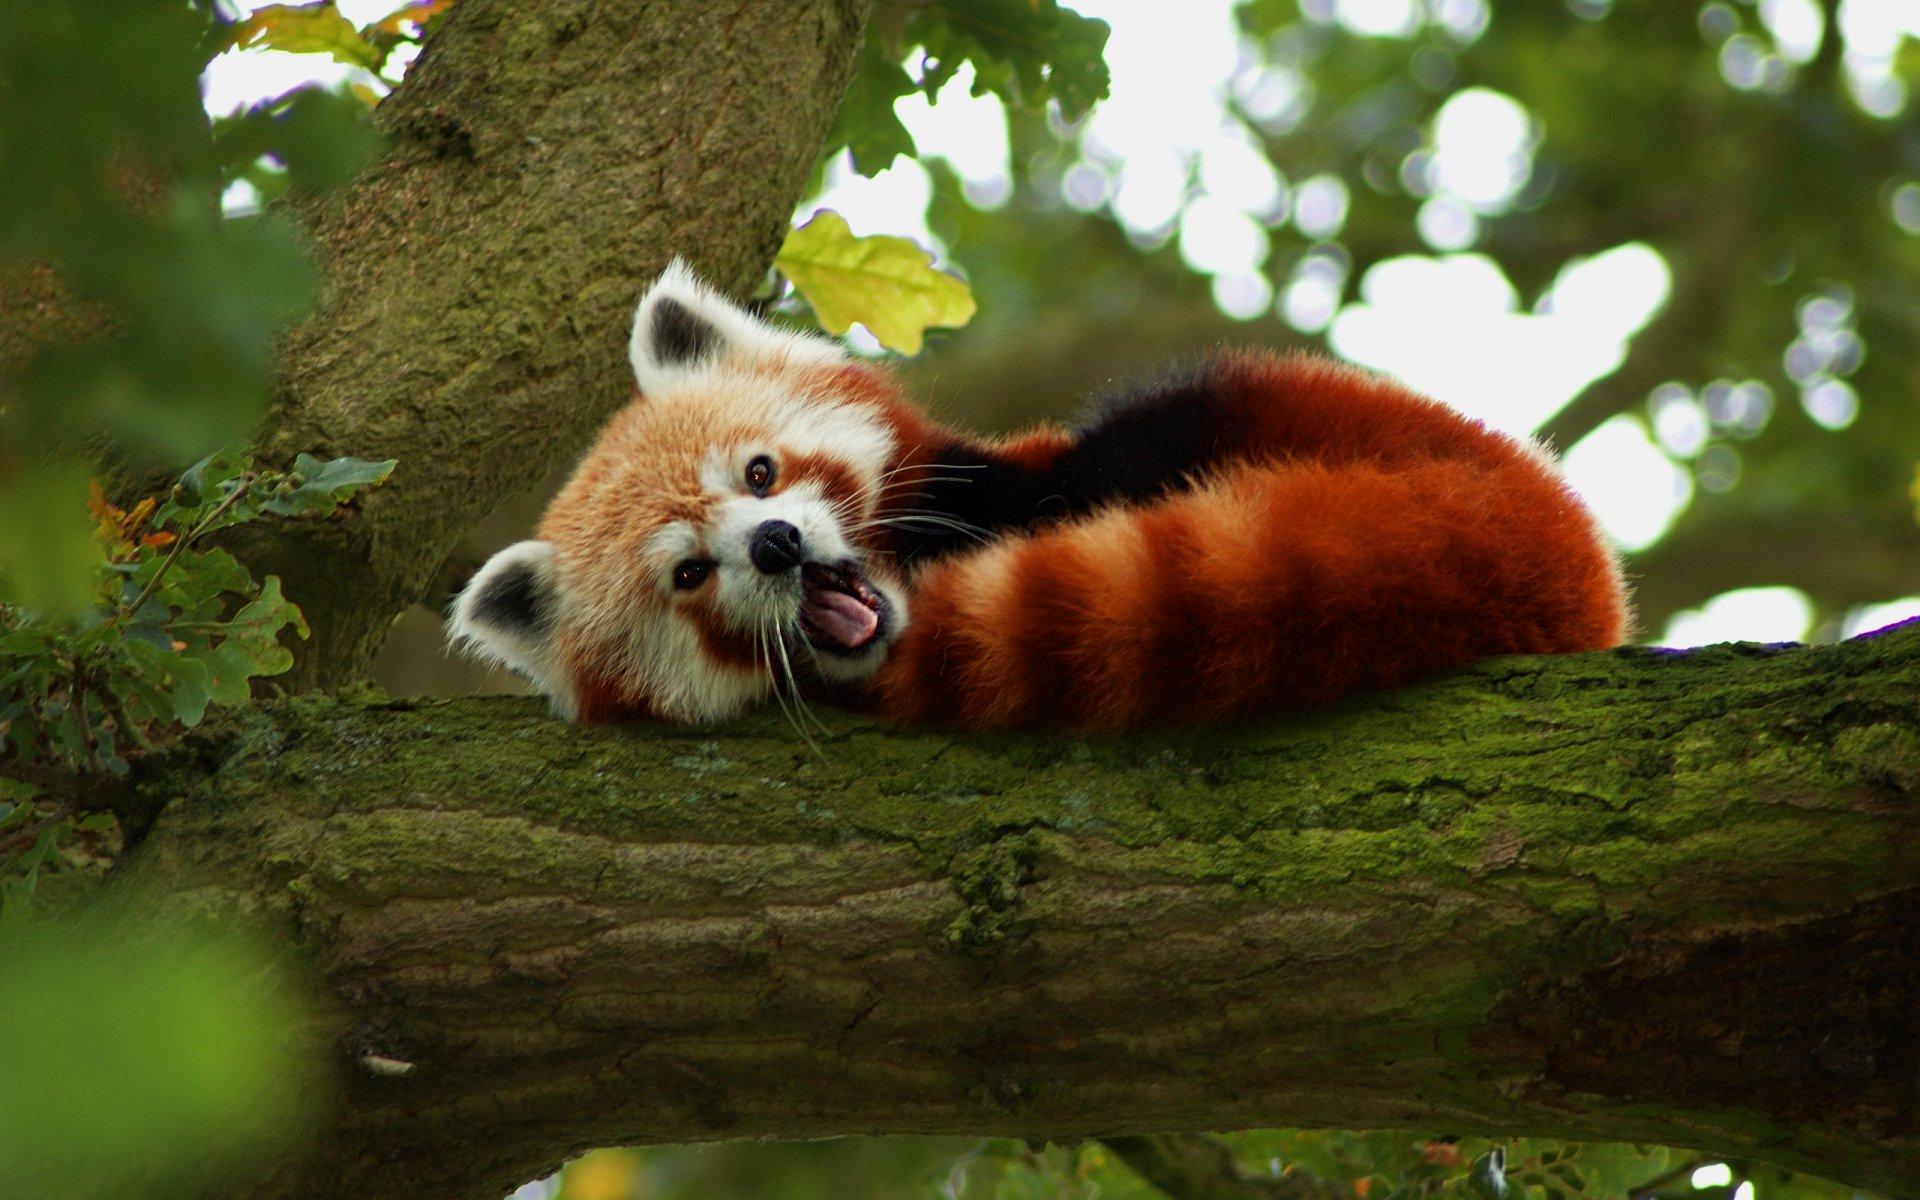 Animaux - Panda Roux  Fond d'écran